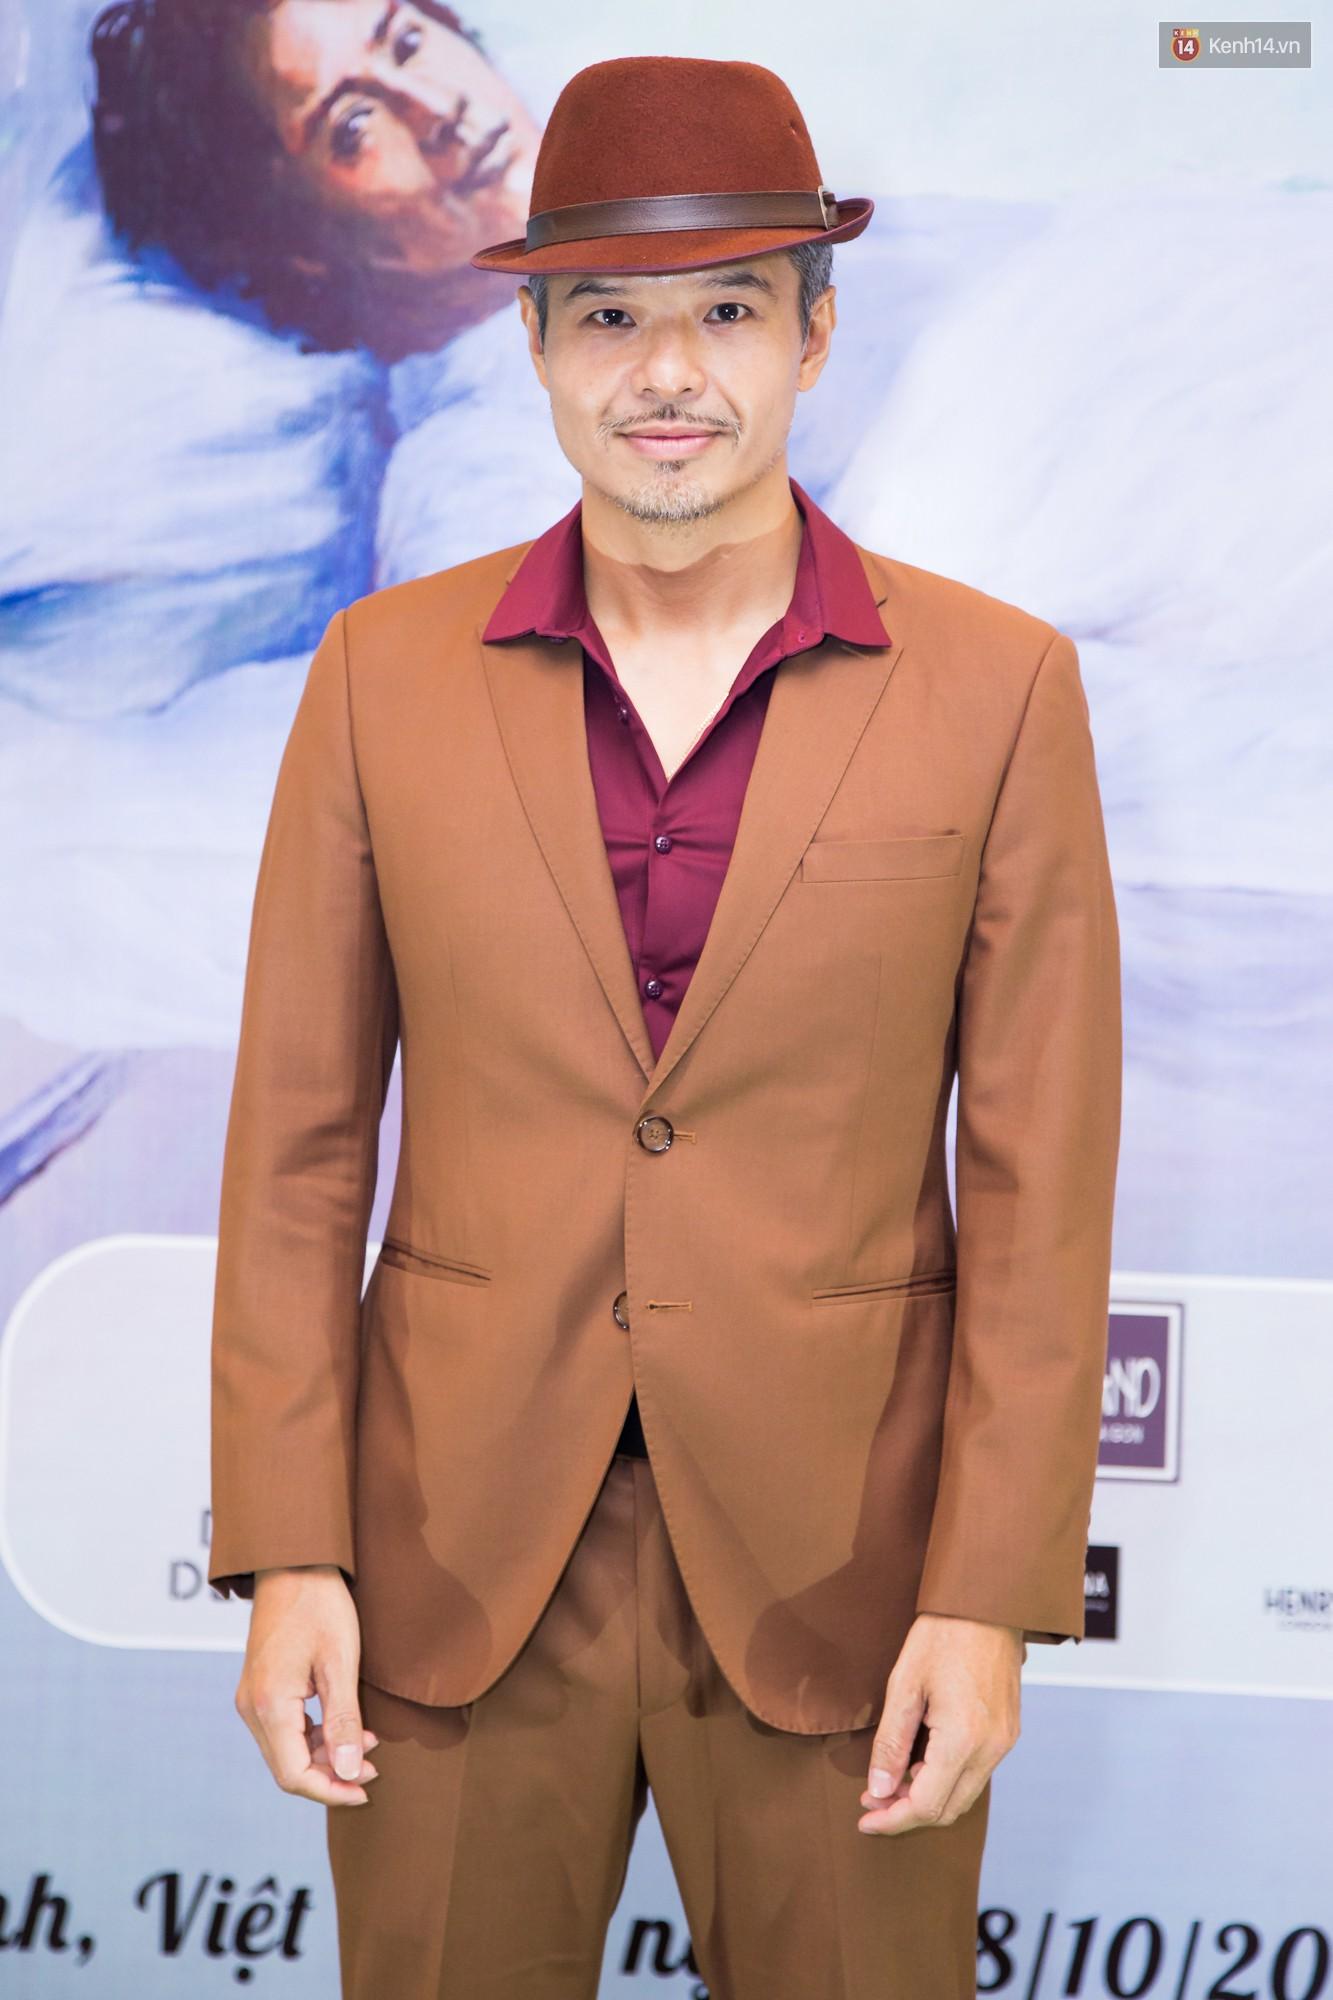 Tài tử Giày Thủy Tinh Han Jae Suk mặt lạnh như tiền ở buổi công bố dự án hợp tác cùng Lý Nhã Kỳ - Ảnh 9.